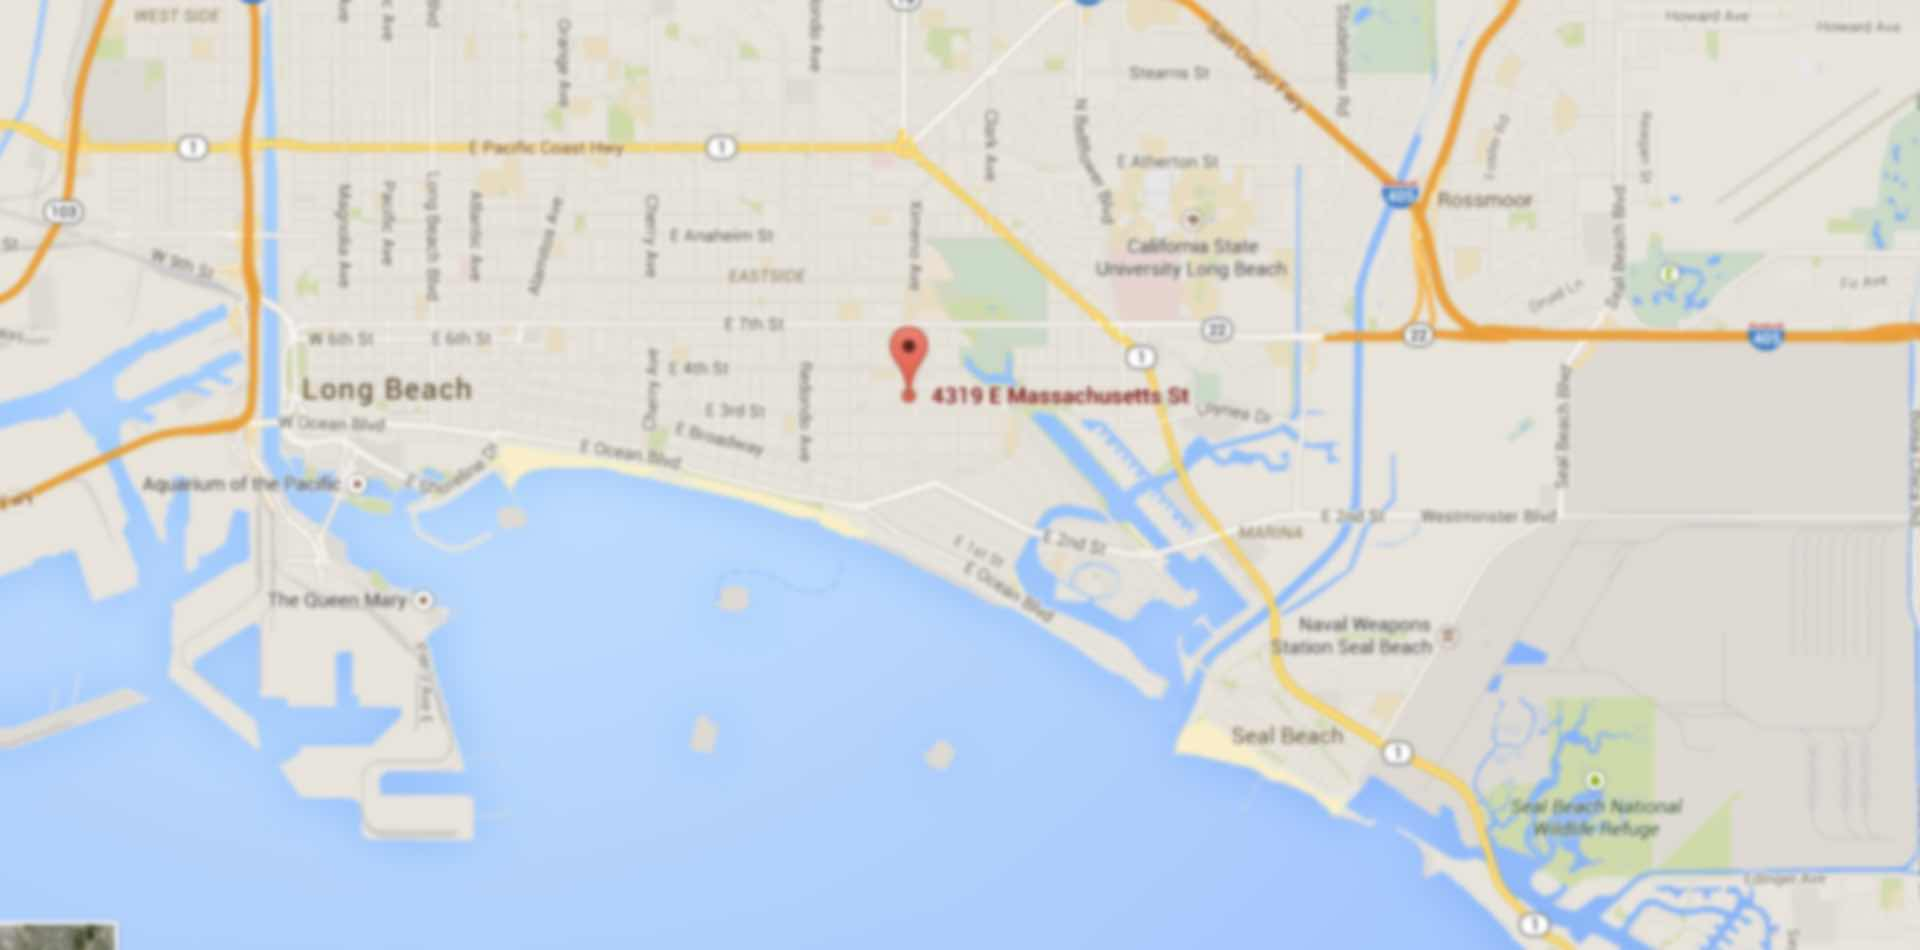 Inbound Marketing Long Beach Ca